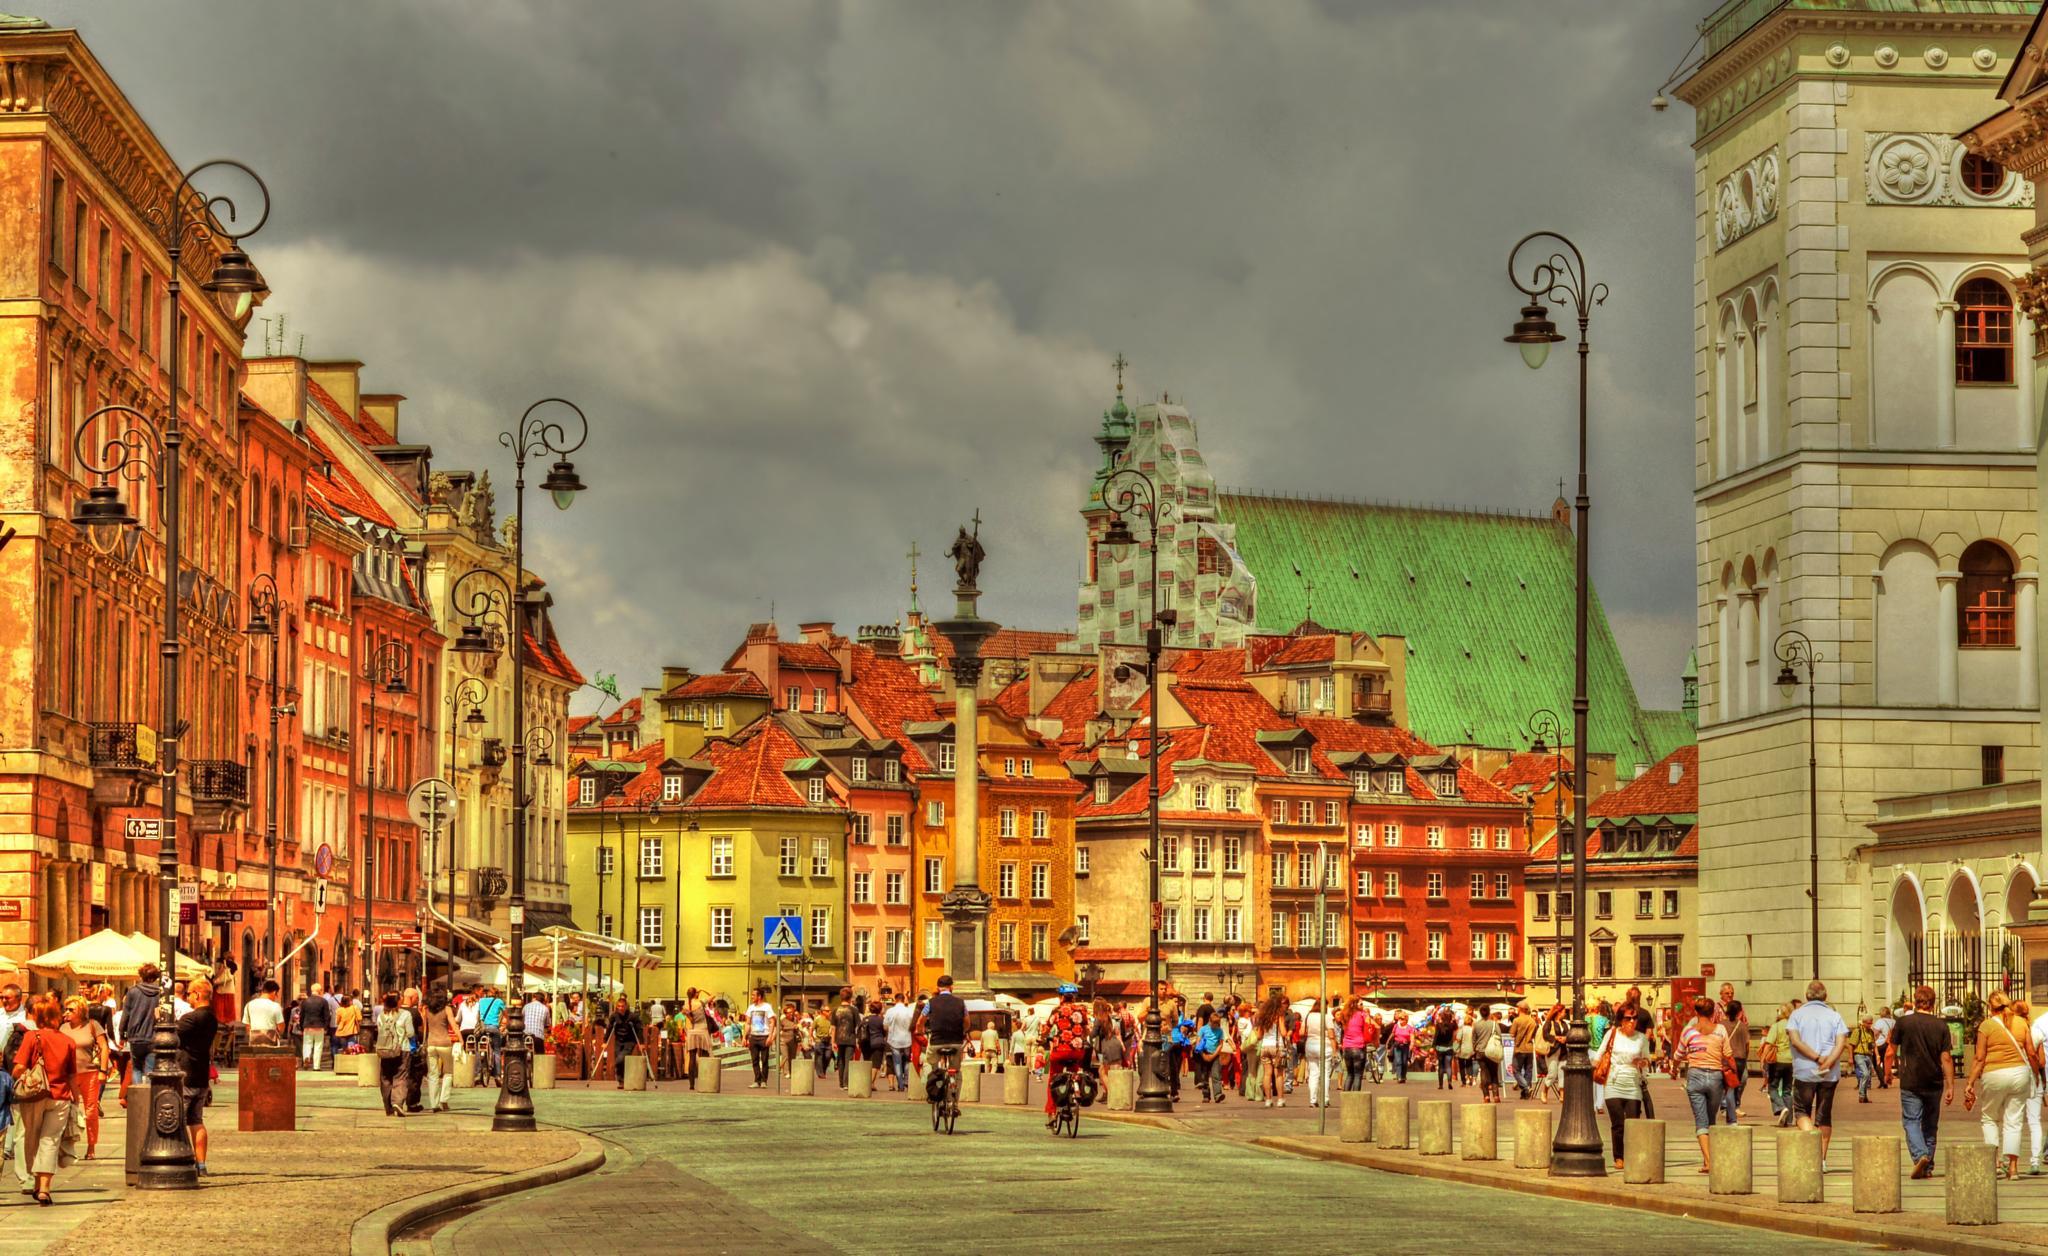 Castle Square  by Piotr Owczarzak